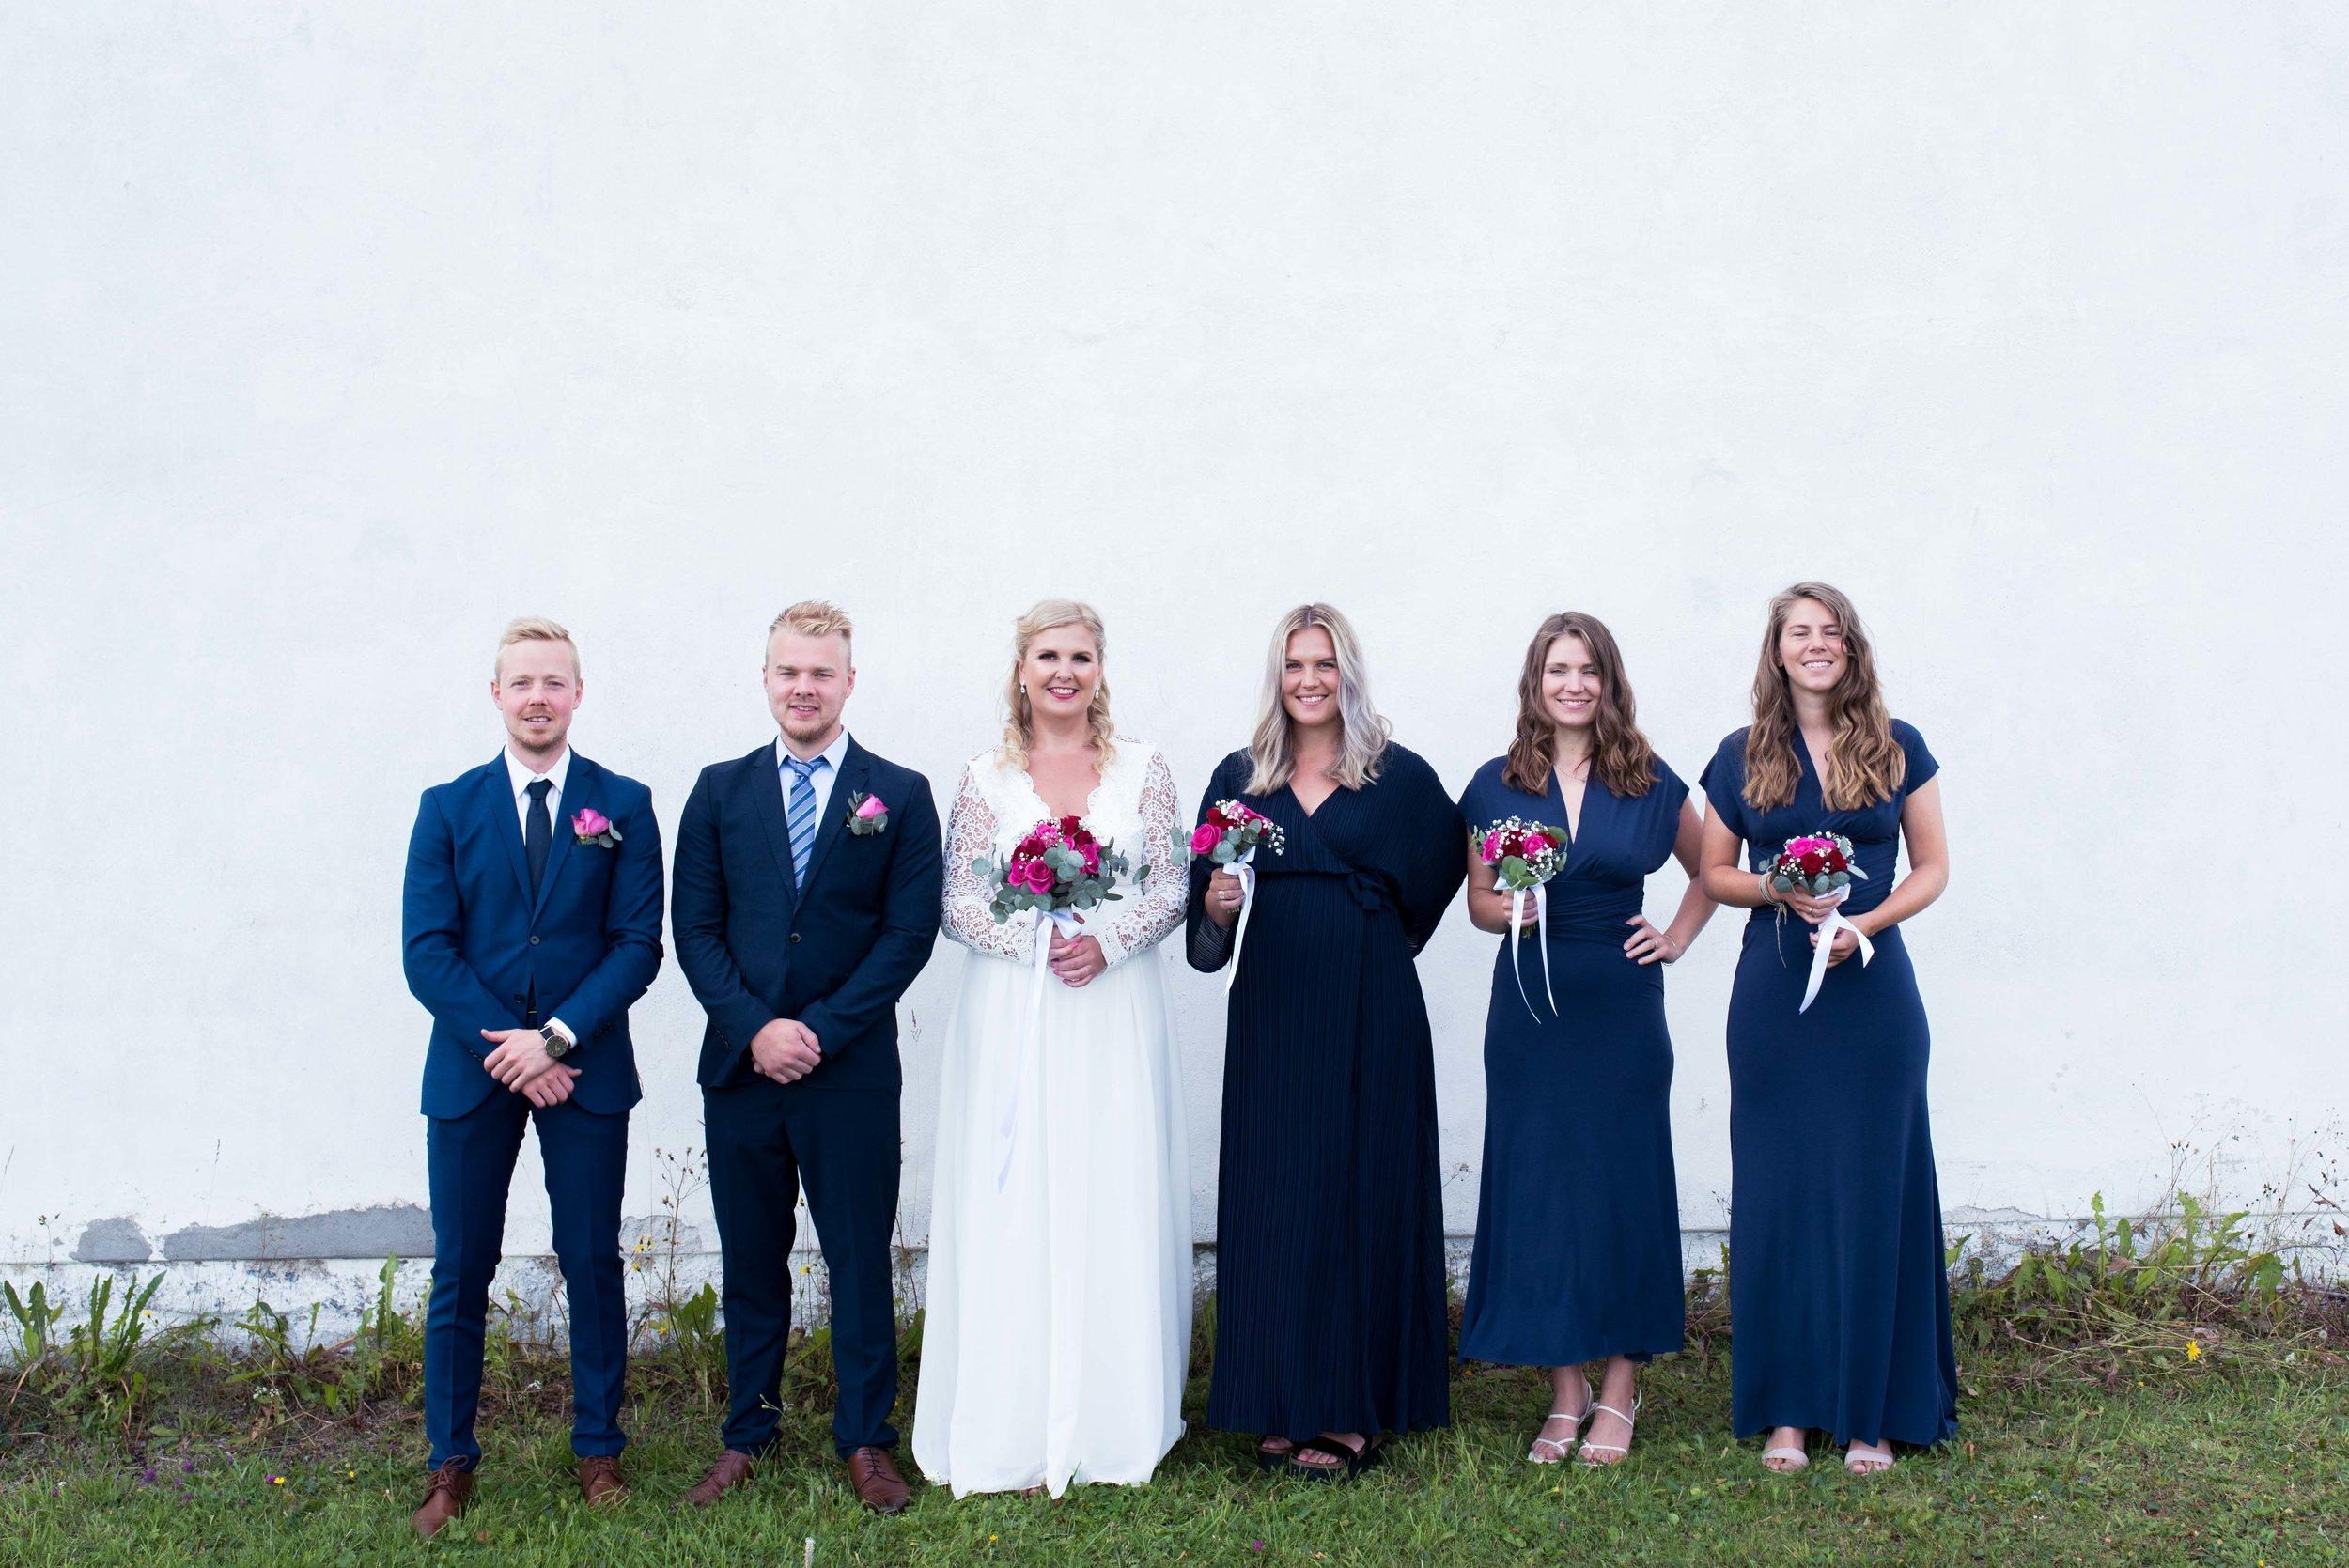 Bröllop2019lågkvall-5082.jpg